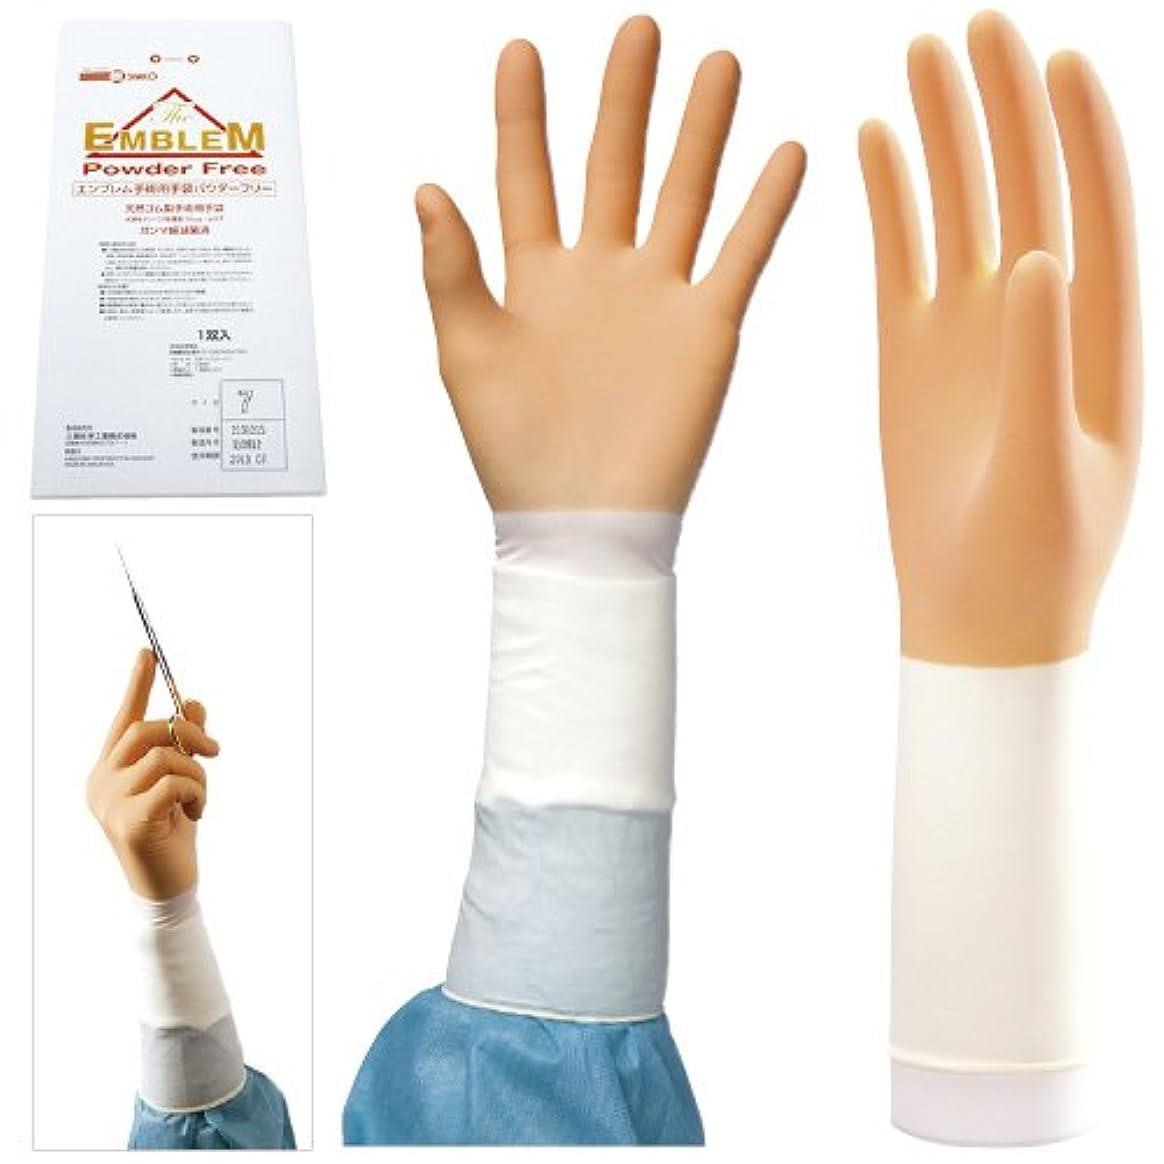 豆レーザ真珠のようなエンブレム手術用手袋 パウダーフリー NEW(20双入) 8